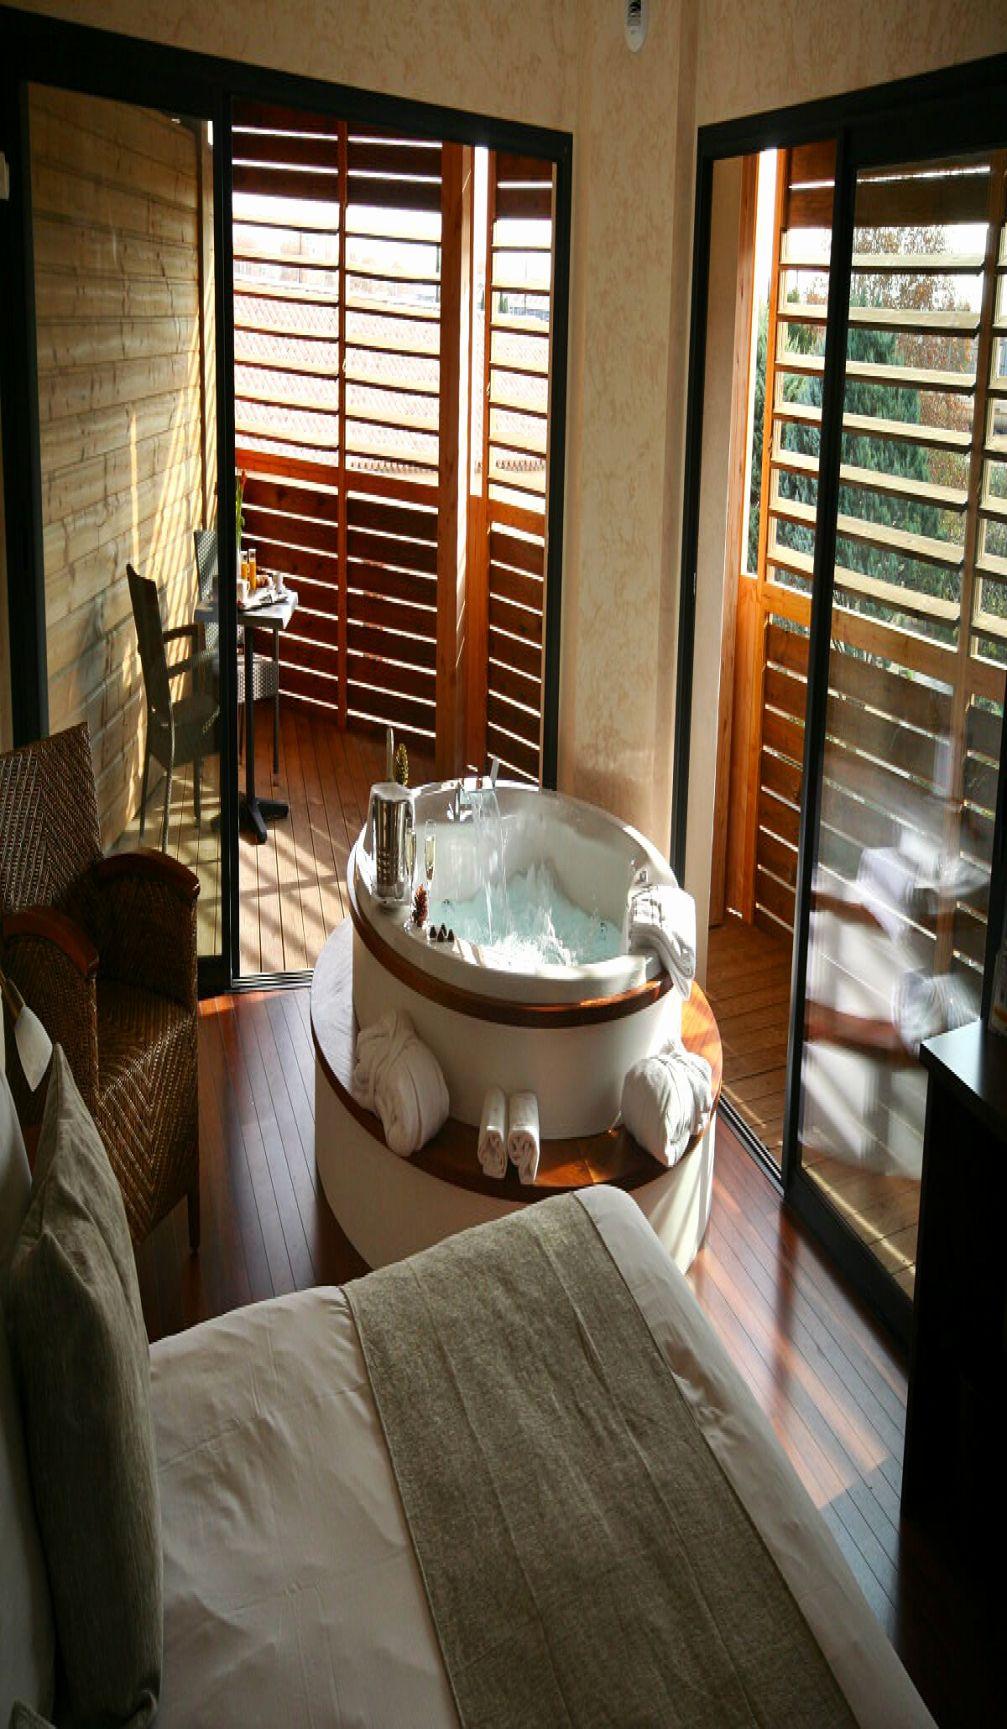 Week End Romantique 12 Chambres Avec Jacuzzi Prive Chambre De Luxe Avec Jacuzzi In 2020 Jacuzzi Bathroom Bathtub